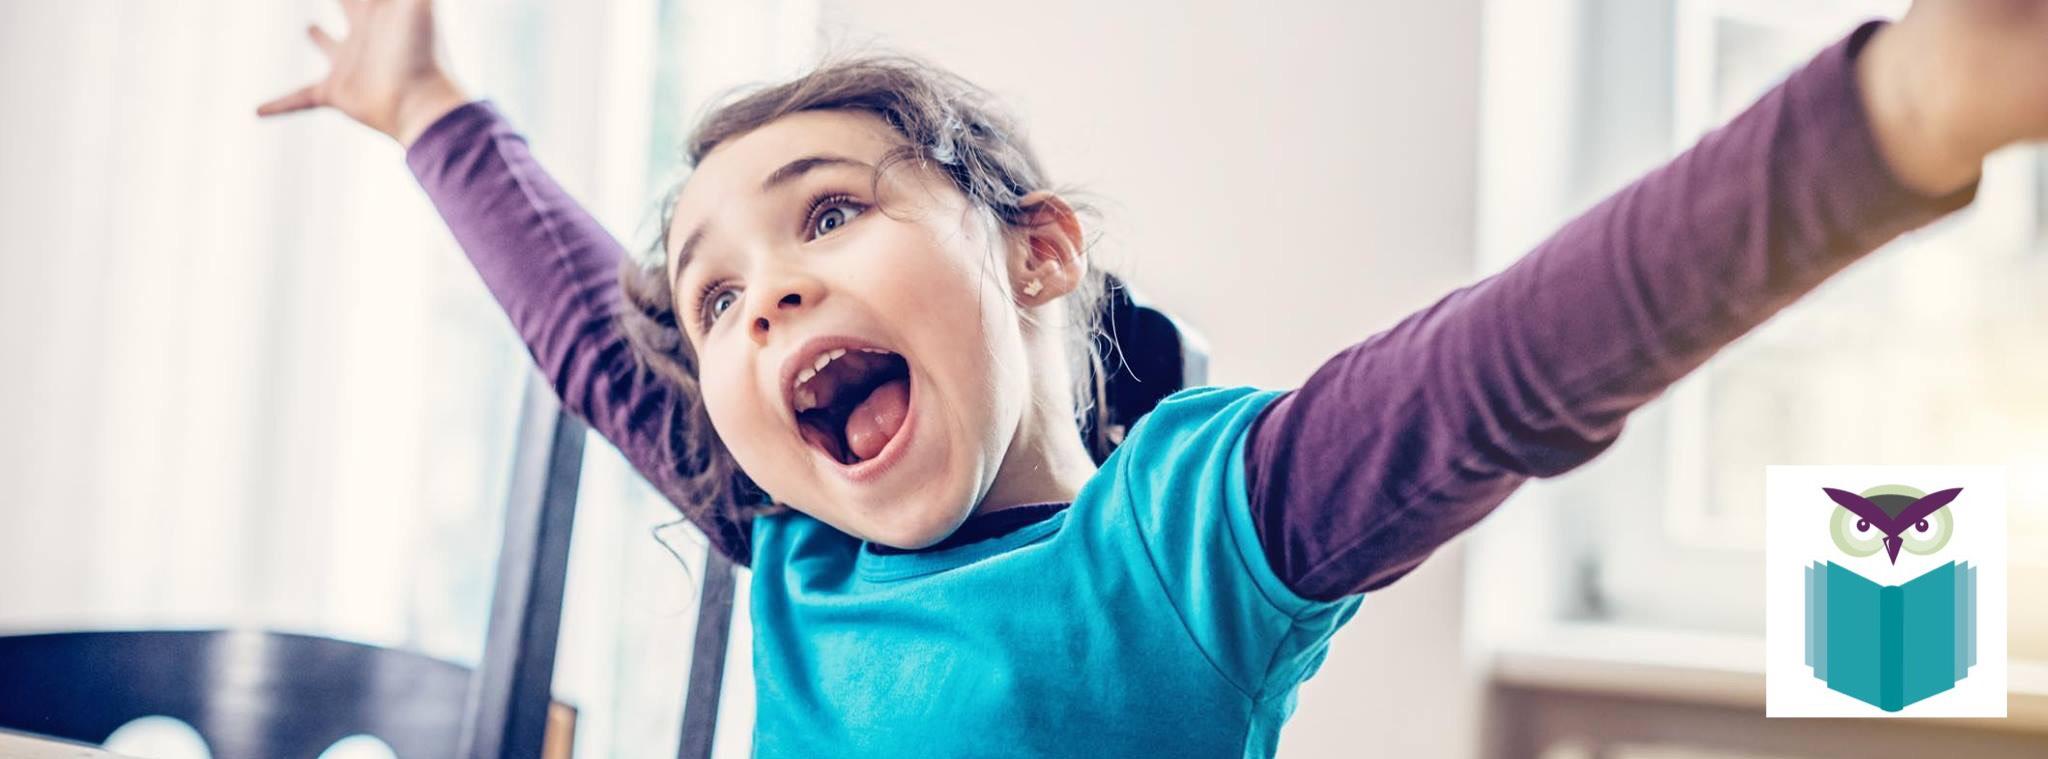 special needs girl happy in school